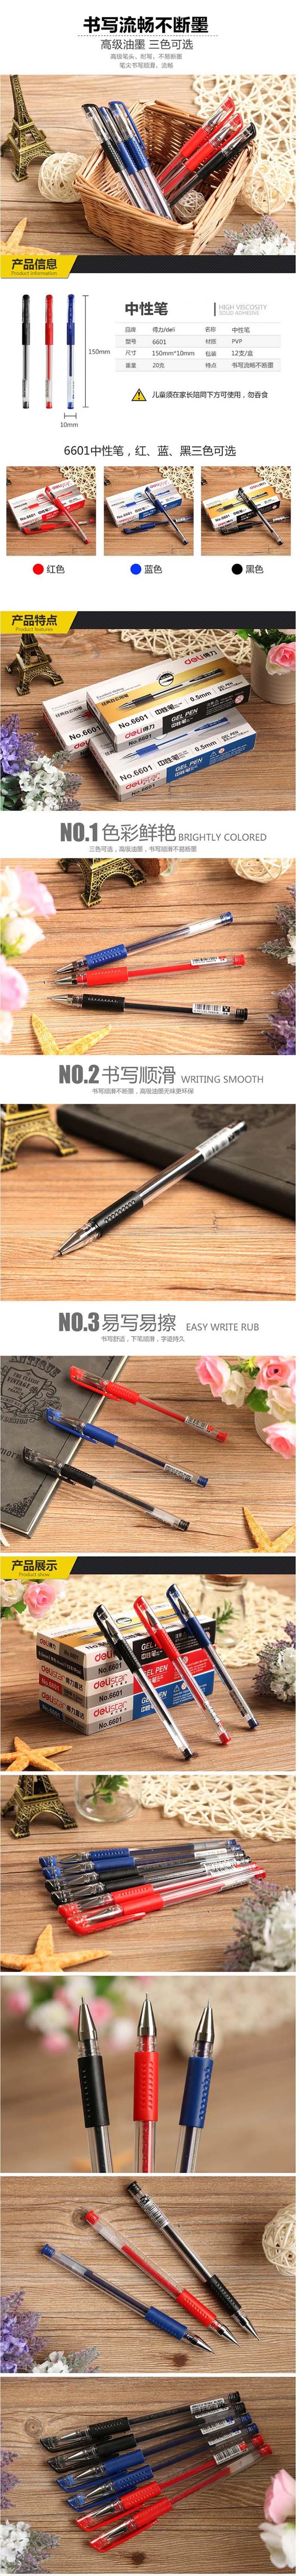 得力 6601 盒装0.5mm经济实用型中性笔 签字笔12支/盒 红色详情页1